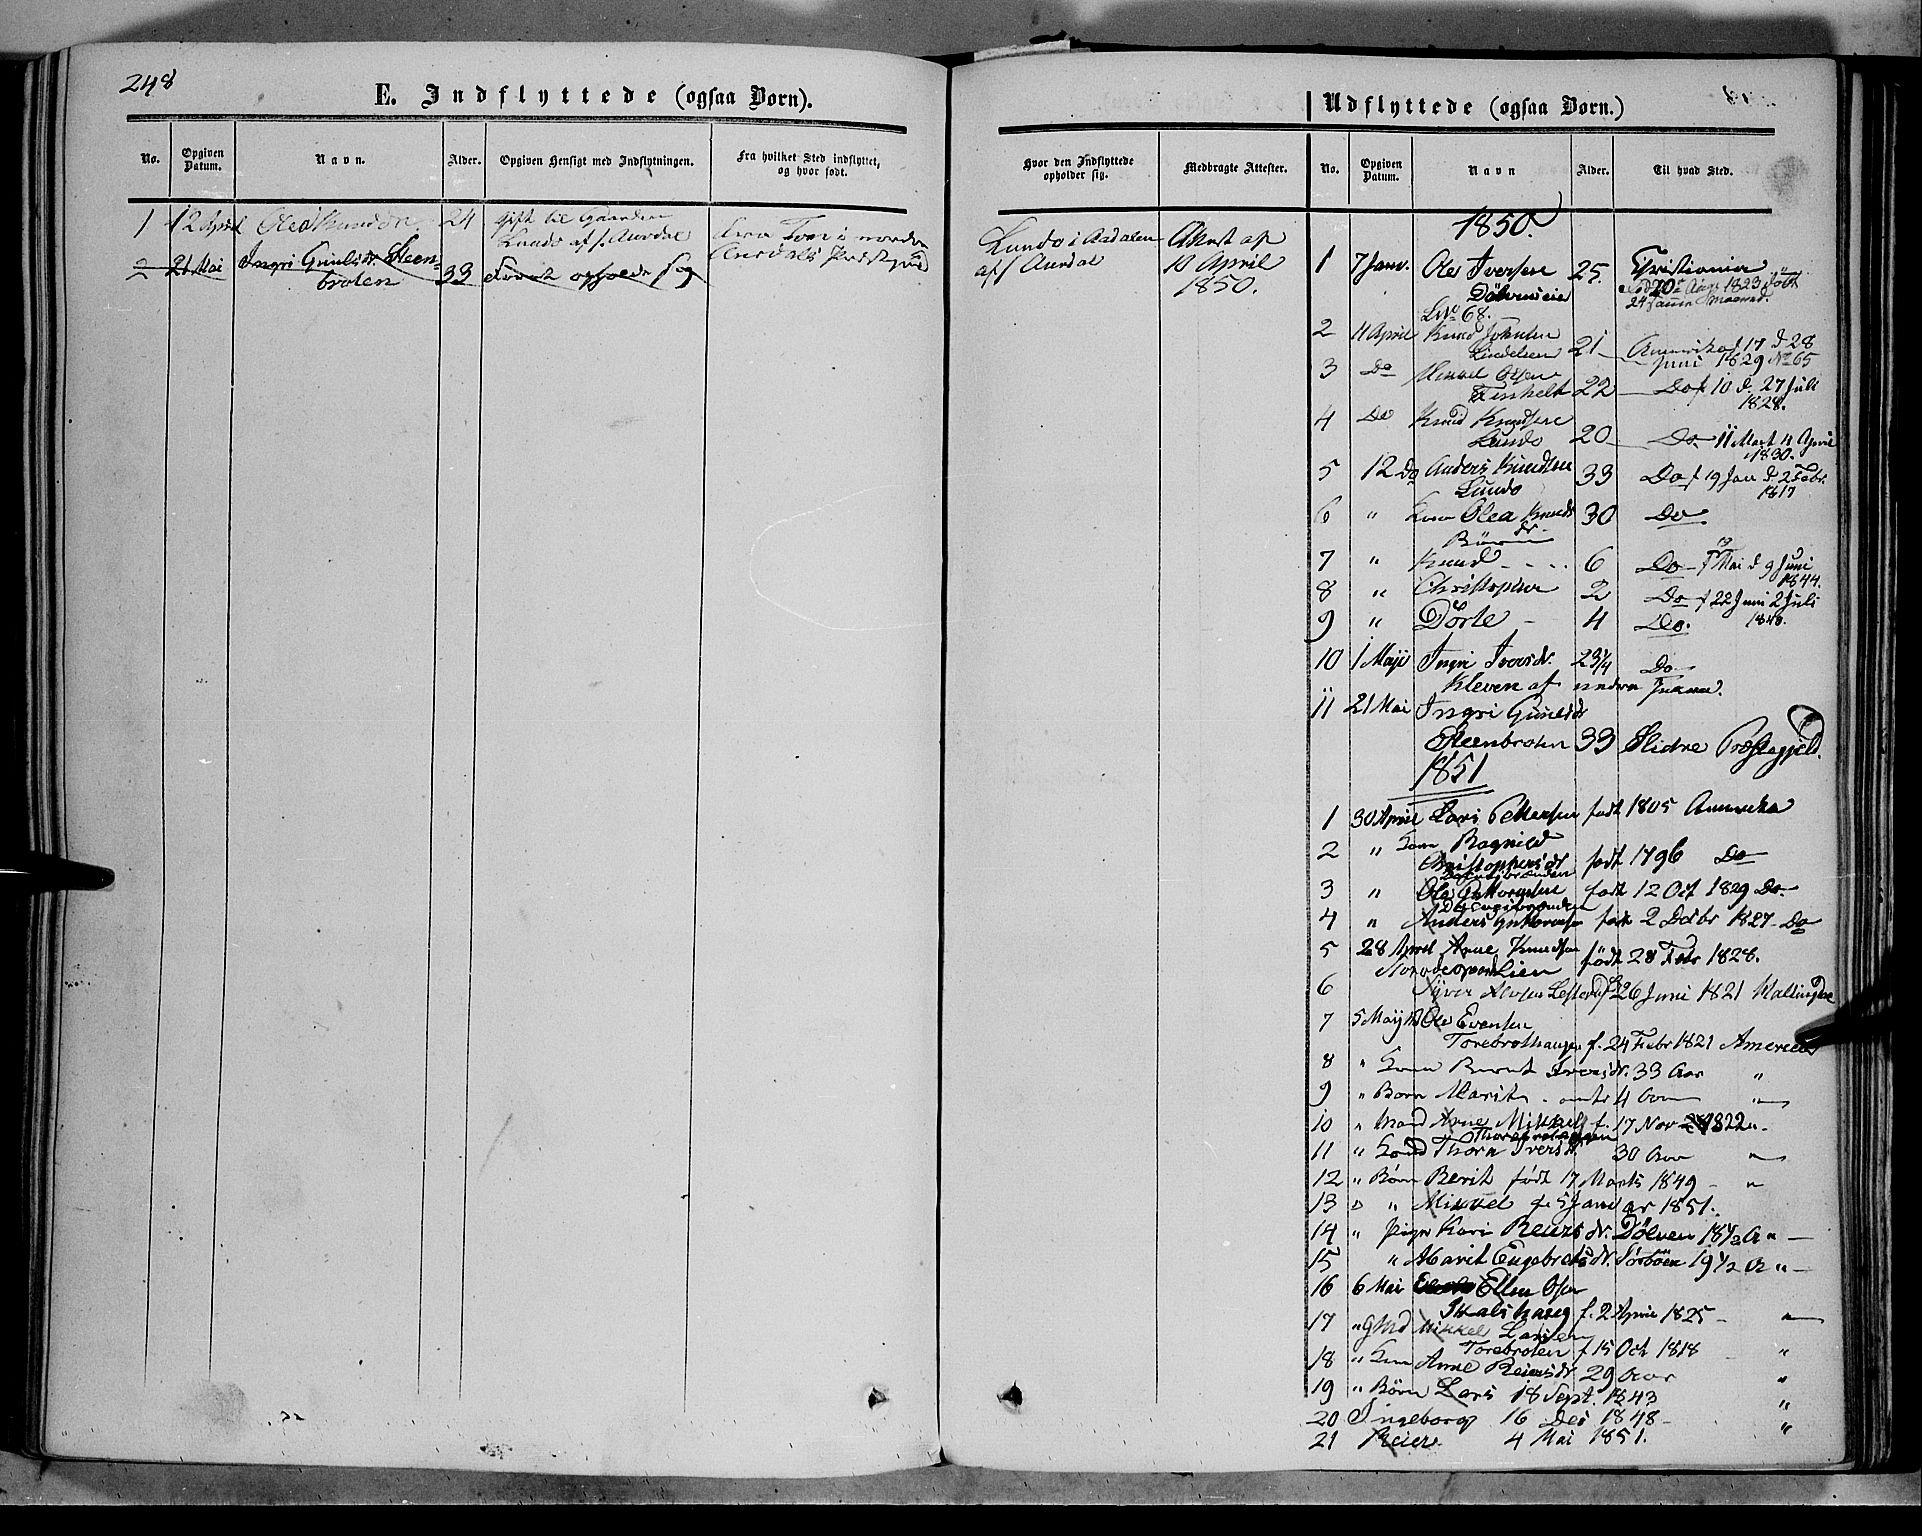 SAH, Sør-Aurdal prestekontor, Ministerialbok nr. 5, 1849-1876, s. 248